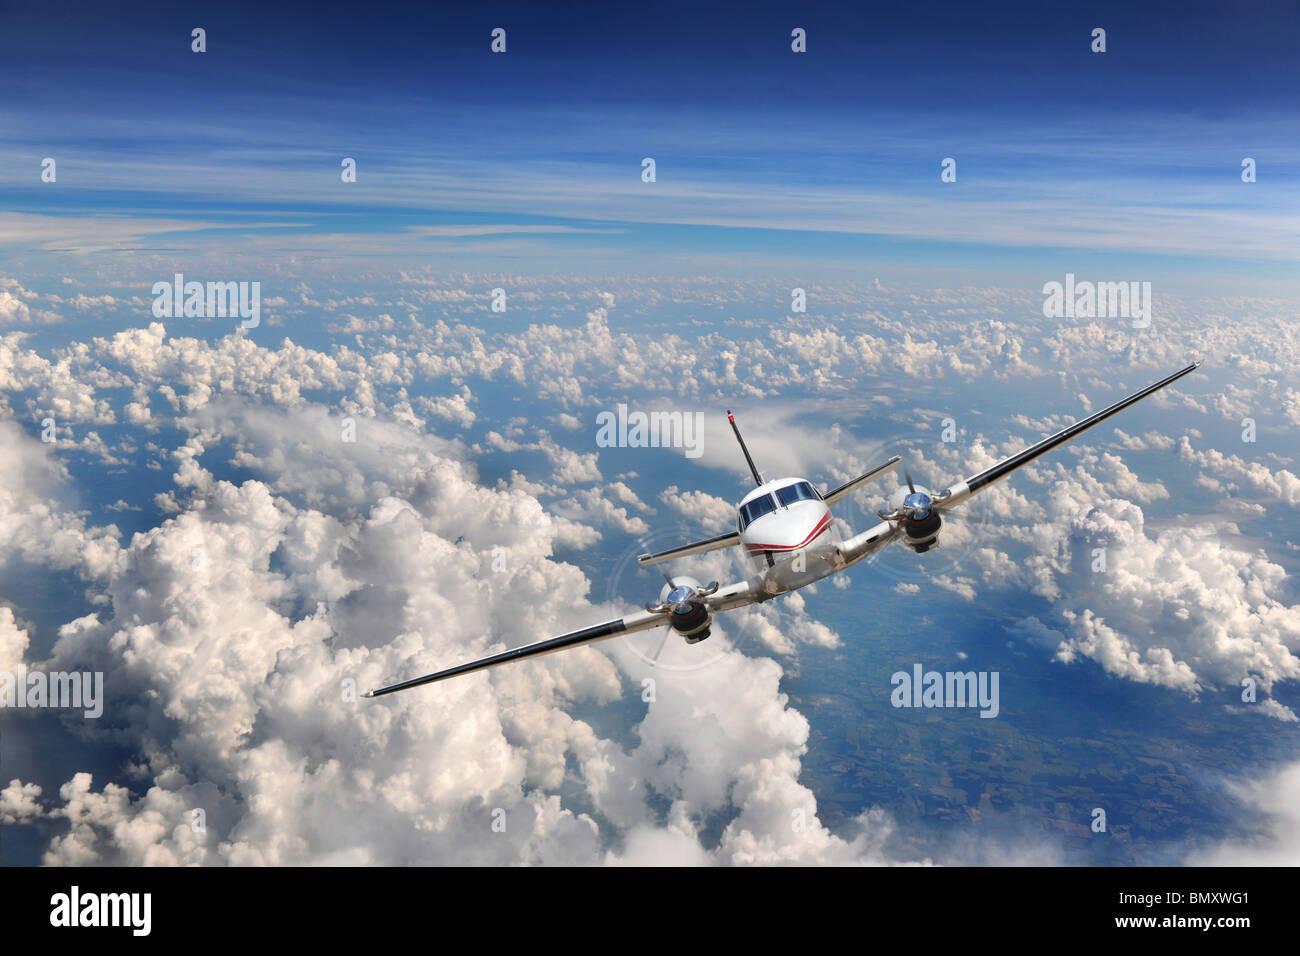 Aeroplano battenti alto sopra le nuvole Immagini Stock